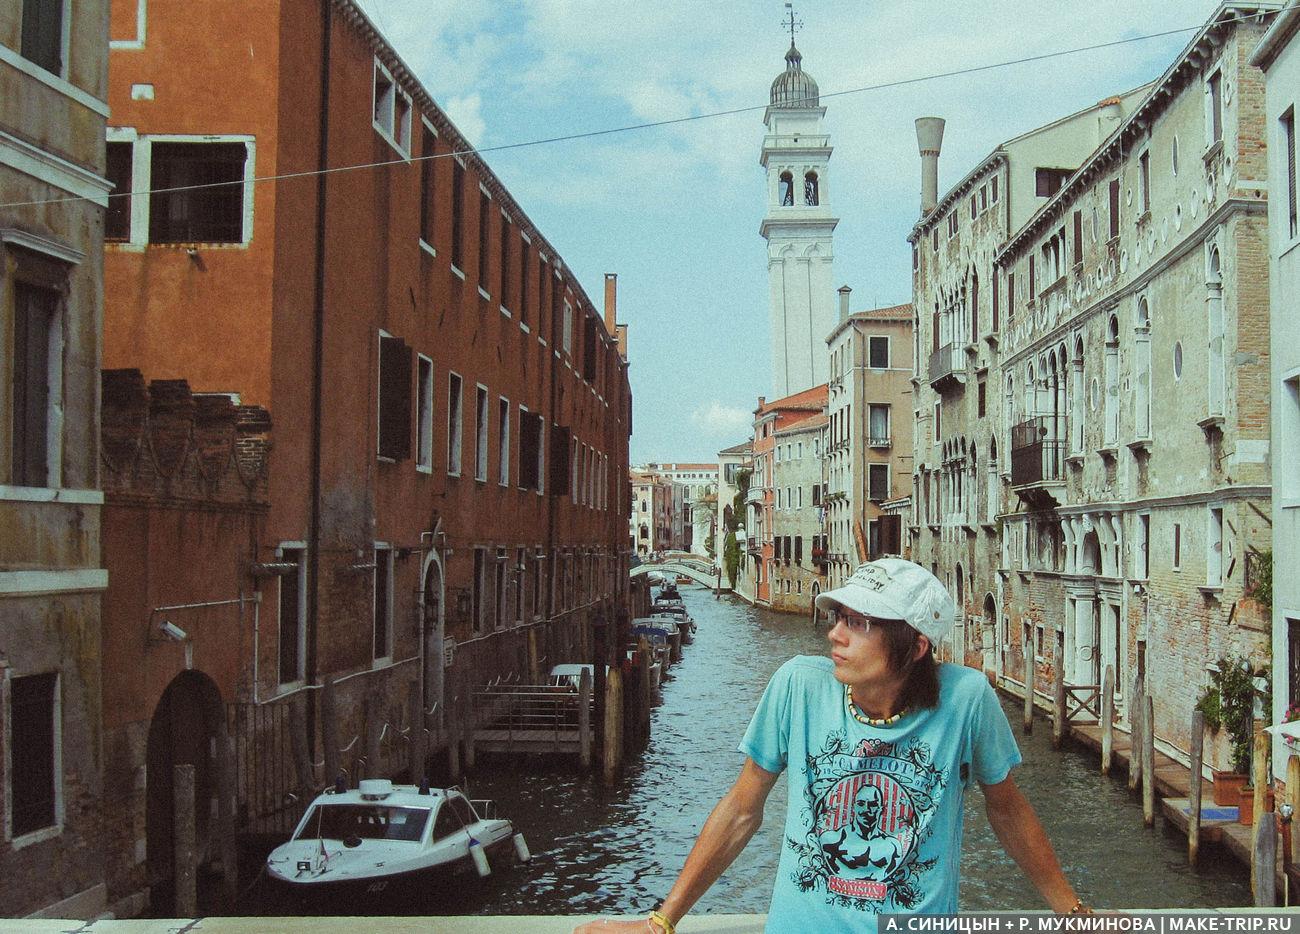 поездка в Италию дешево